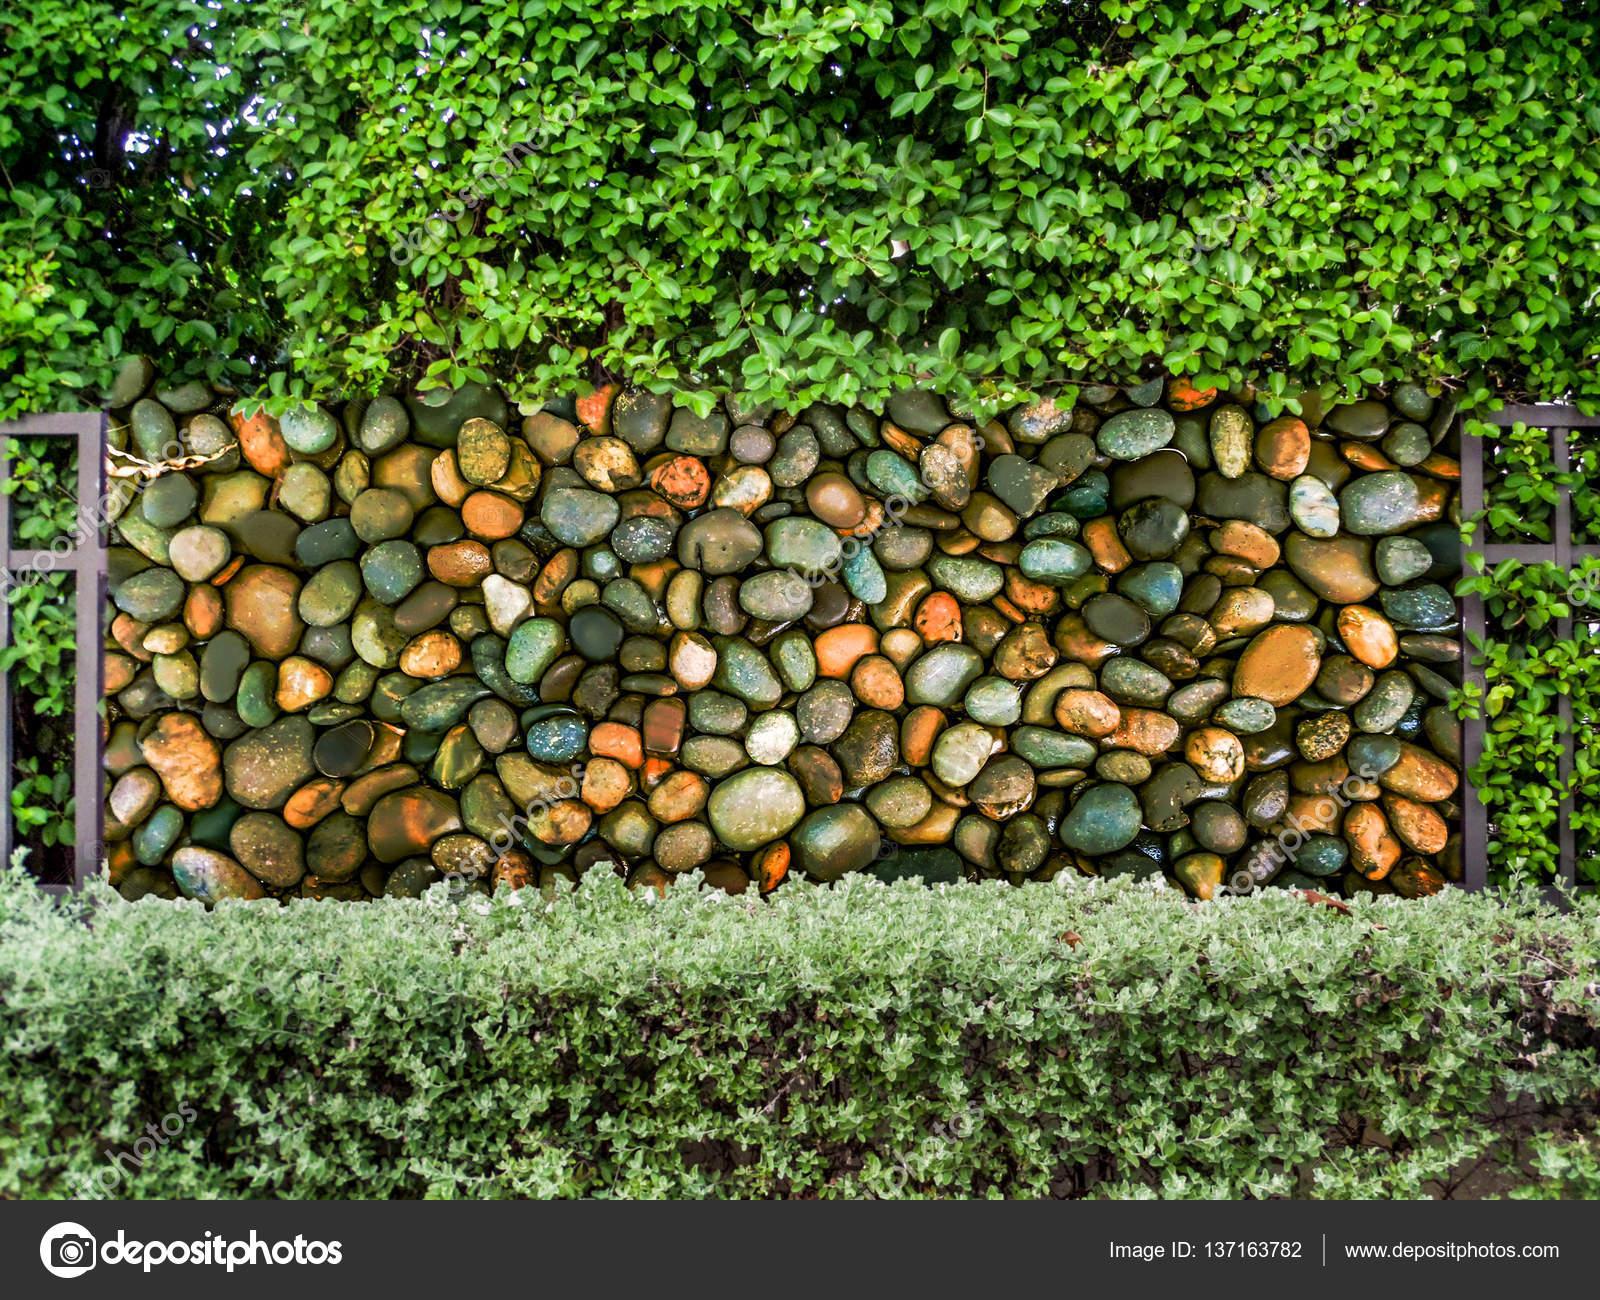 beton zaun im garten der natur mit steinmauer — stockfoto